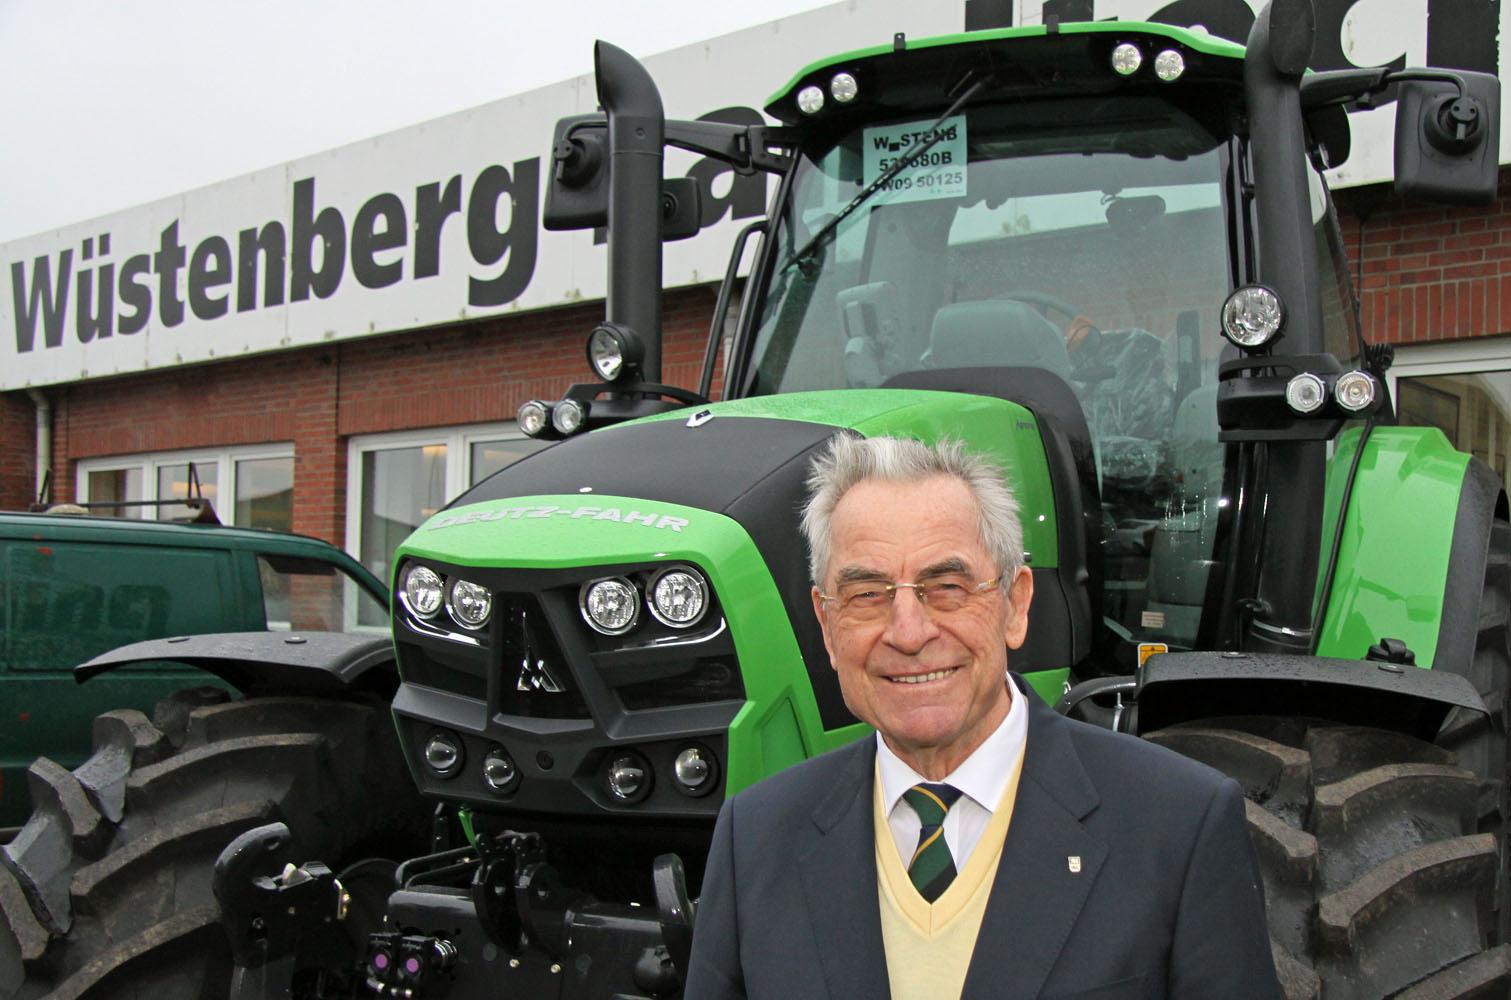 Der Börmer Landtechnik-Unternehmer Heinz Wüstenberg ist Gewinner des Stifterpreises 2013. Fotos: Henze